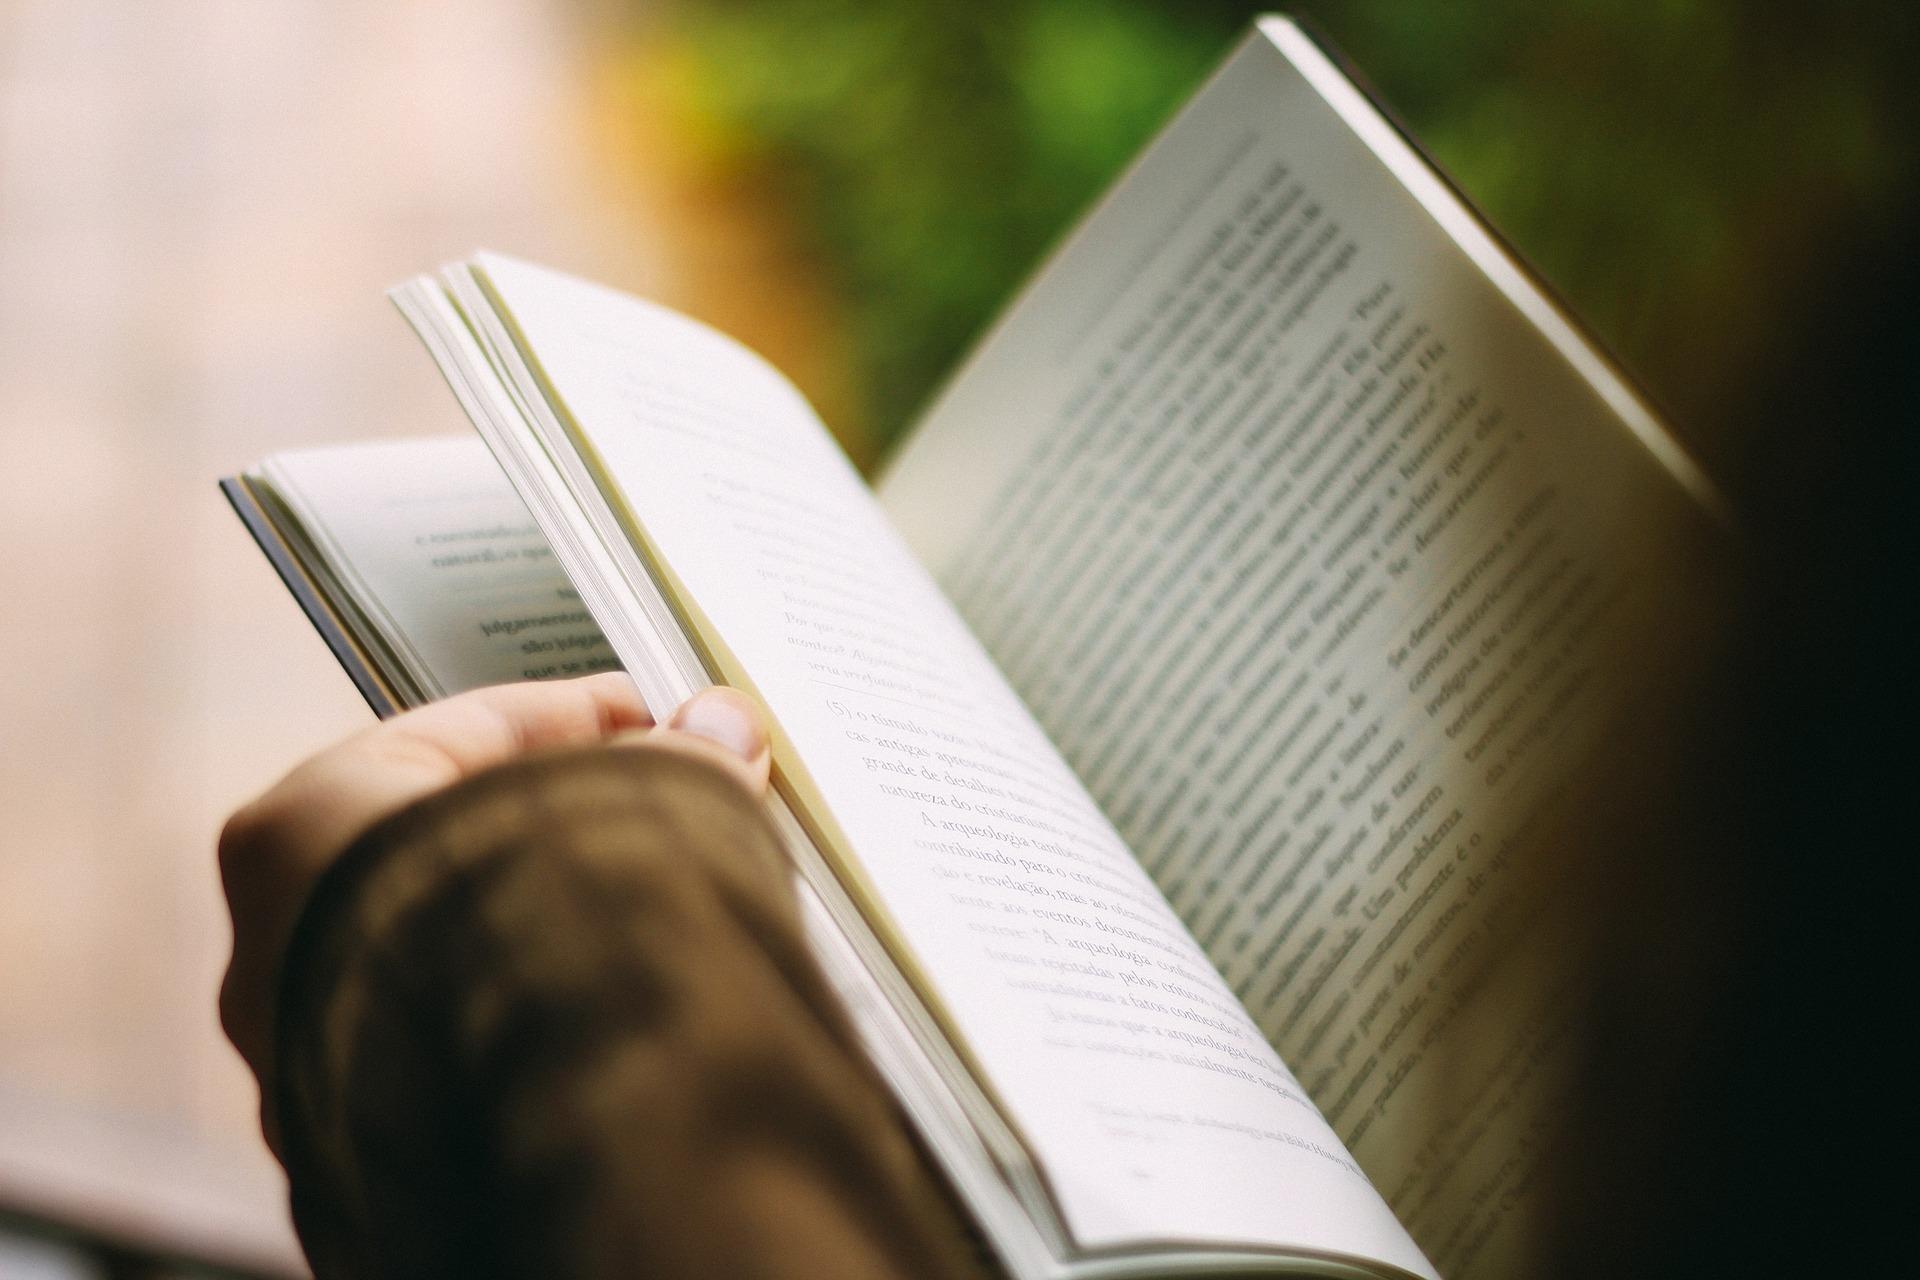 Verkauf dein Buch an Verlage und/oder LeserInnen